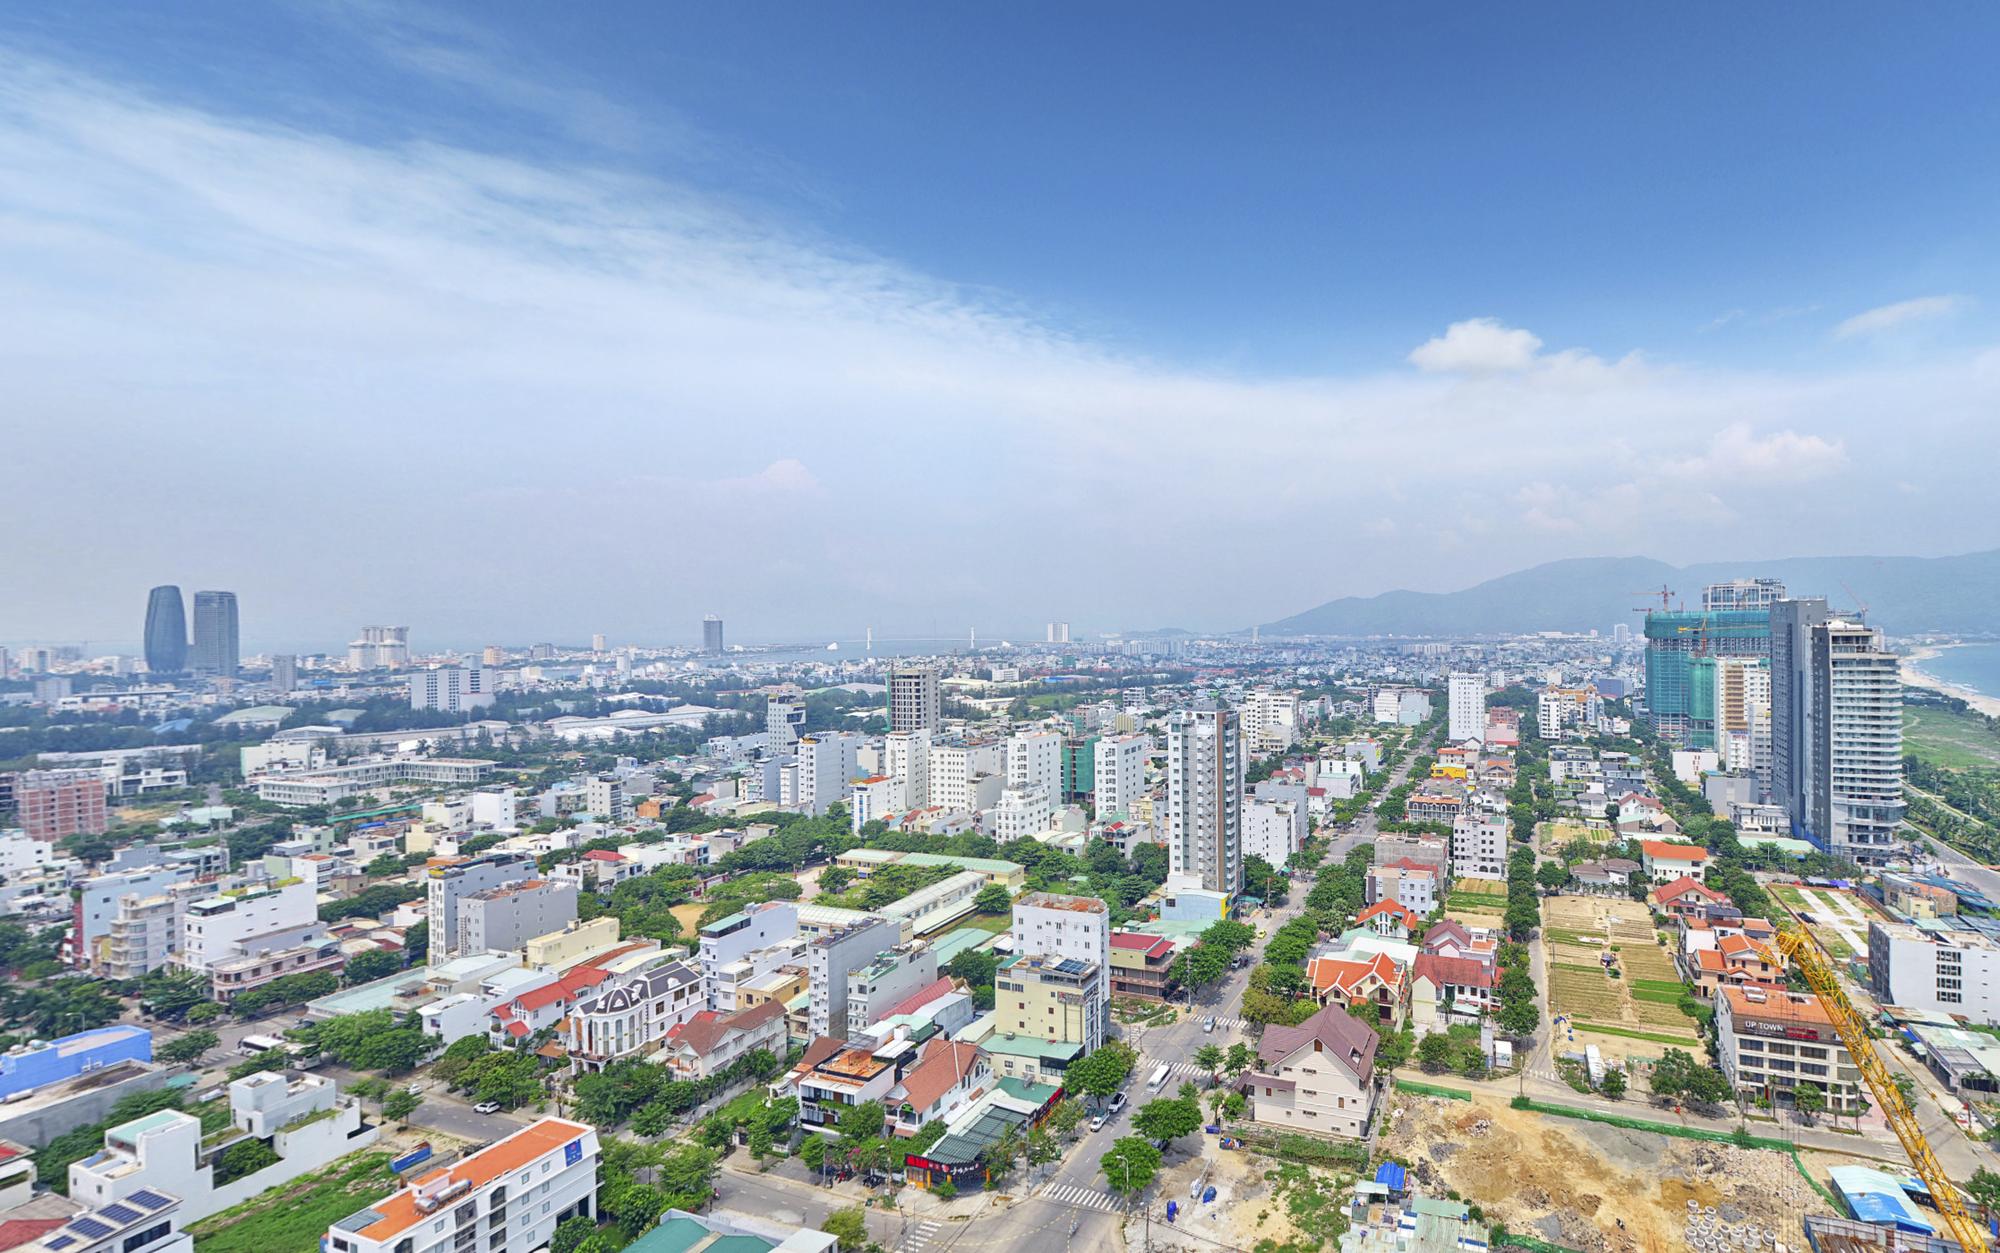 Giá đất đô thị tại TP Đà Nẵng cao nhất 99 triệu đồng/m2 - Ảnh 1.